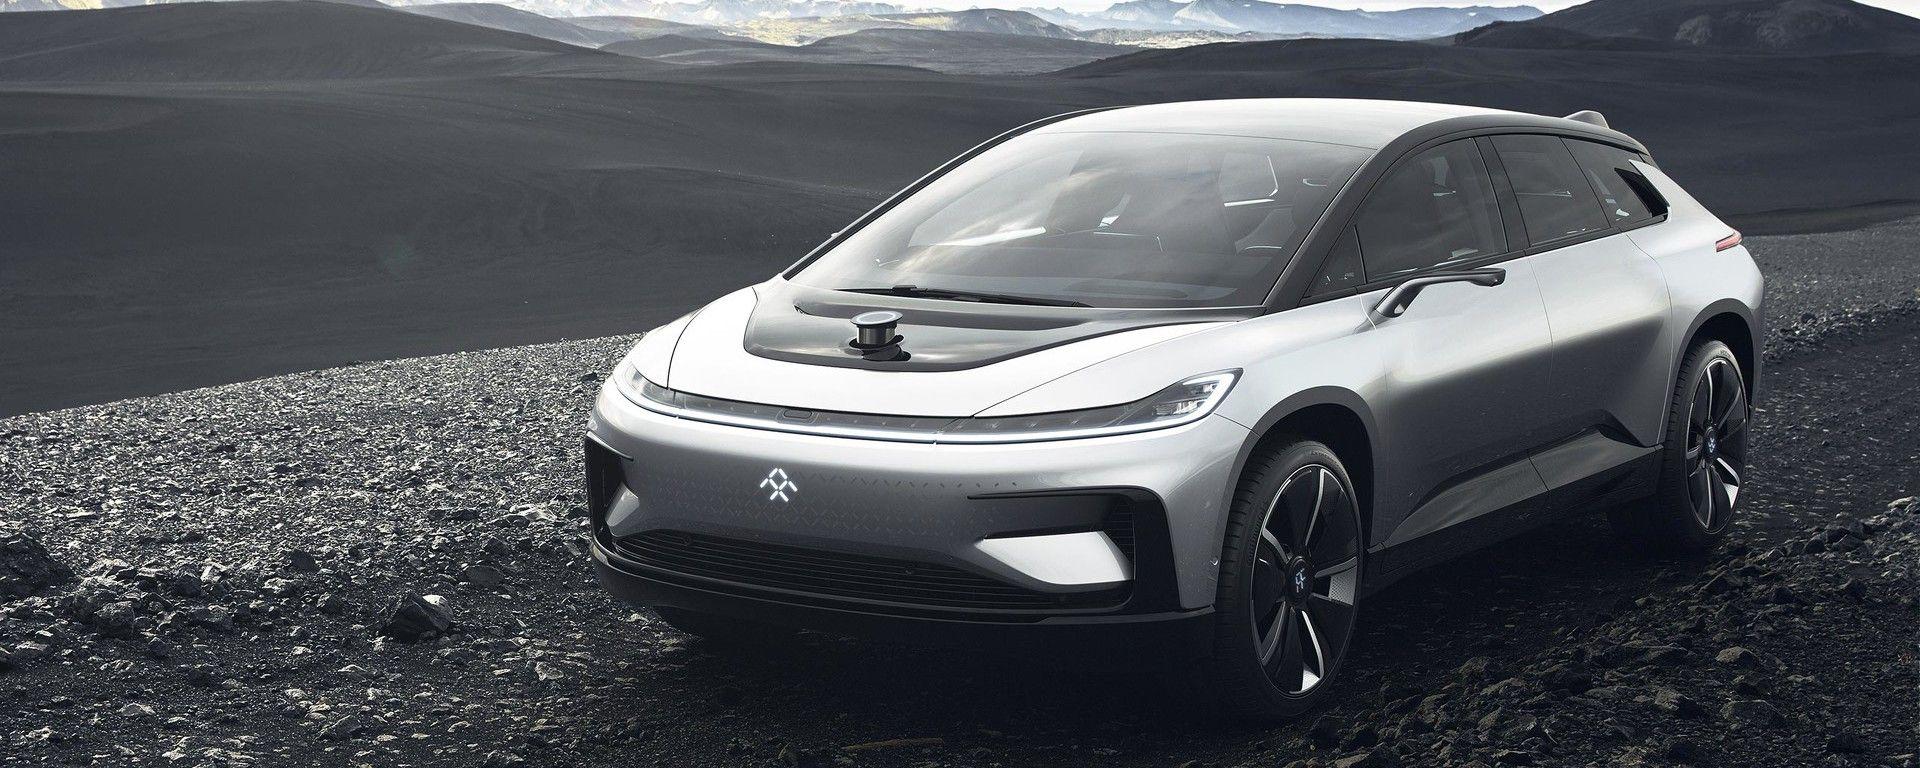 Pike's Peak: la Faraday Future FF 91 batte la Tesla Model S